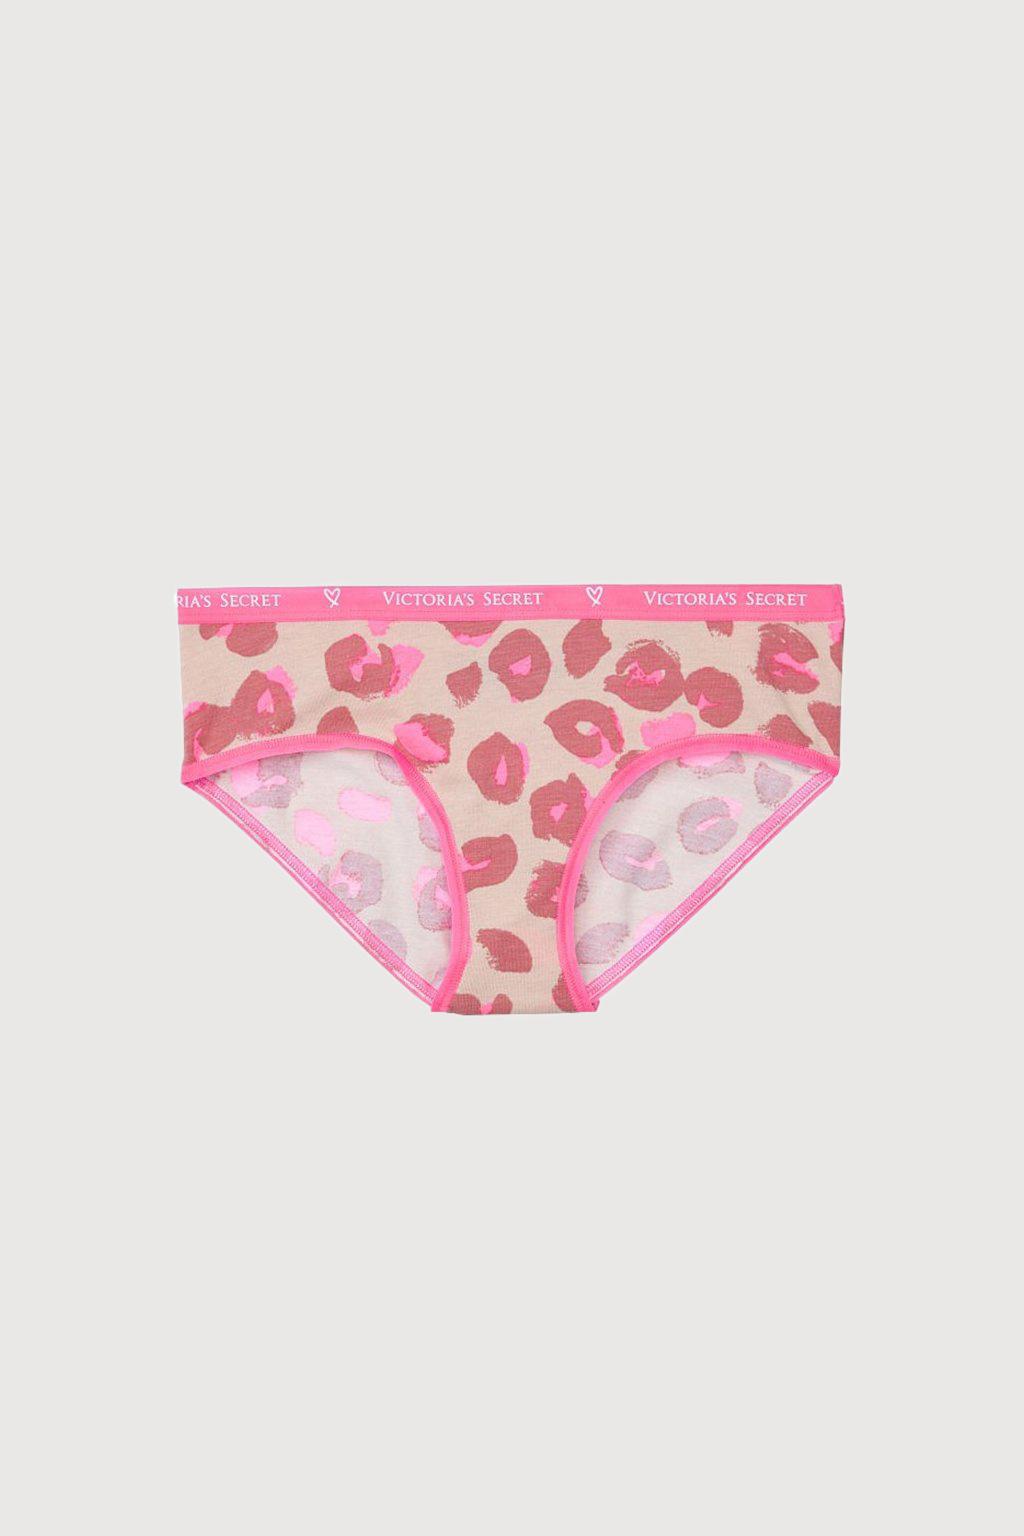 Bokové kalhotky Victoria's Secret – Hiphugger Panty – pattern